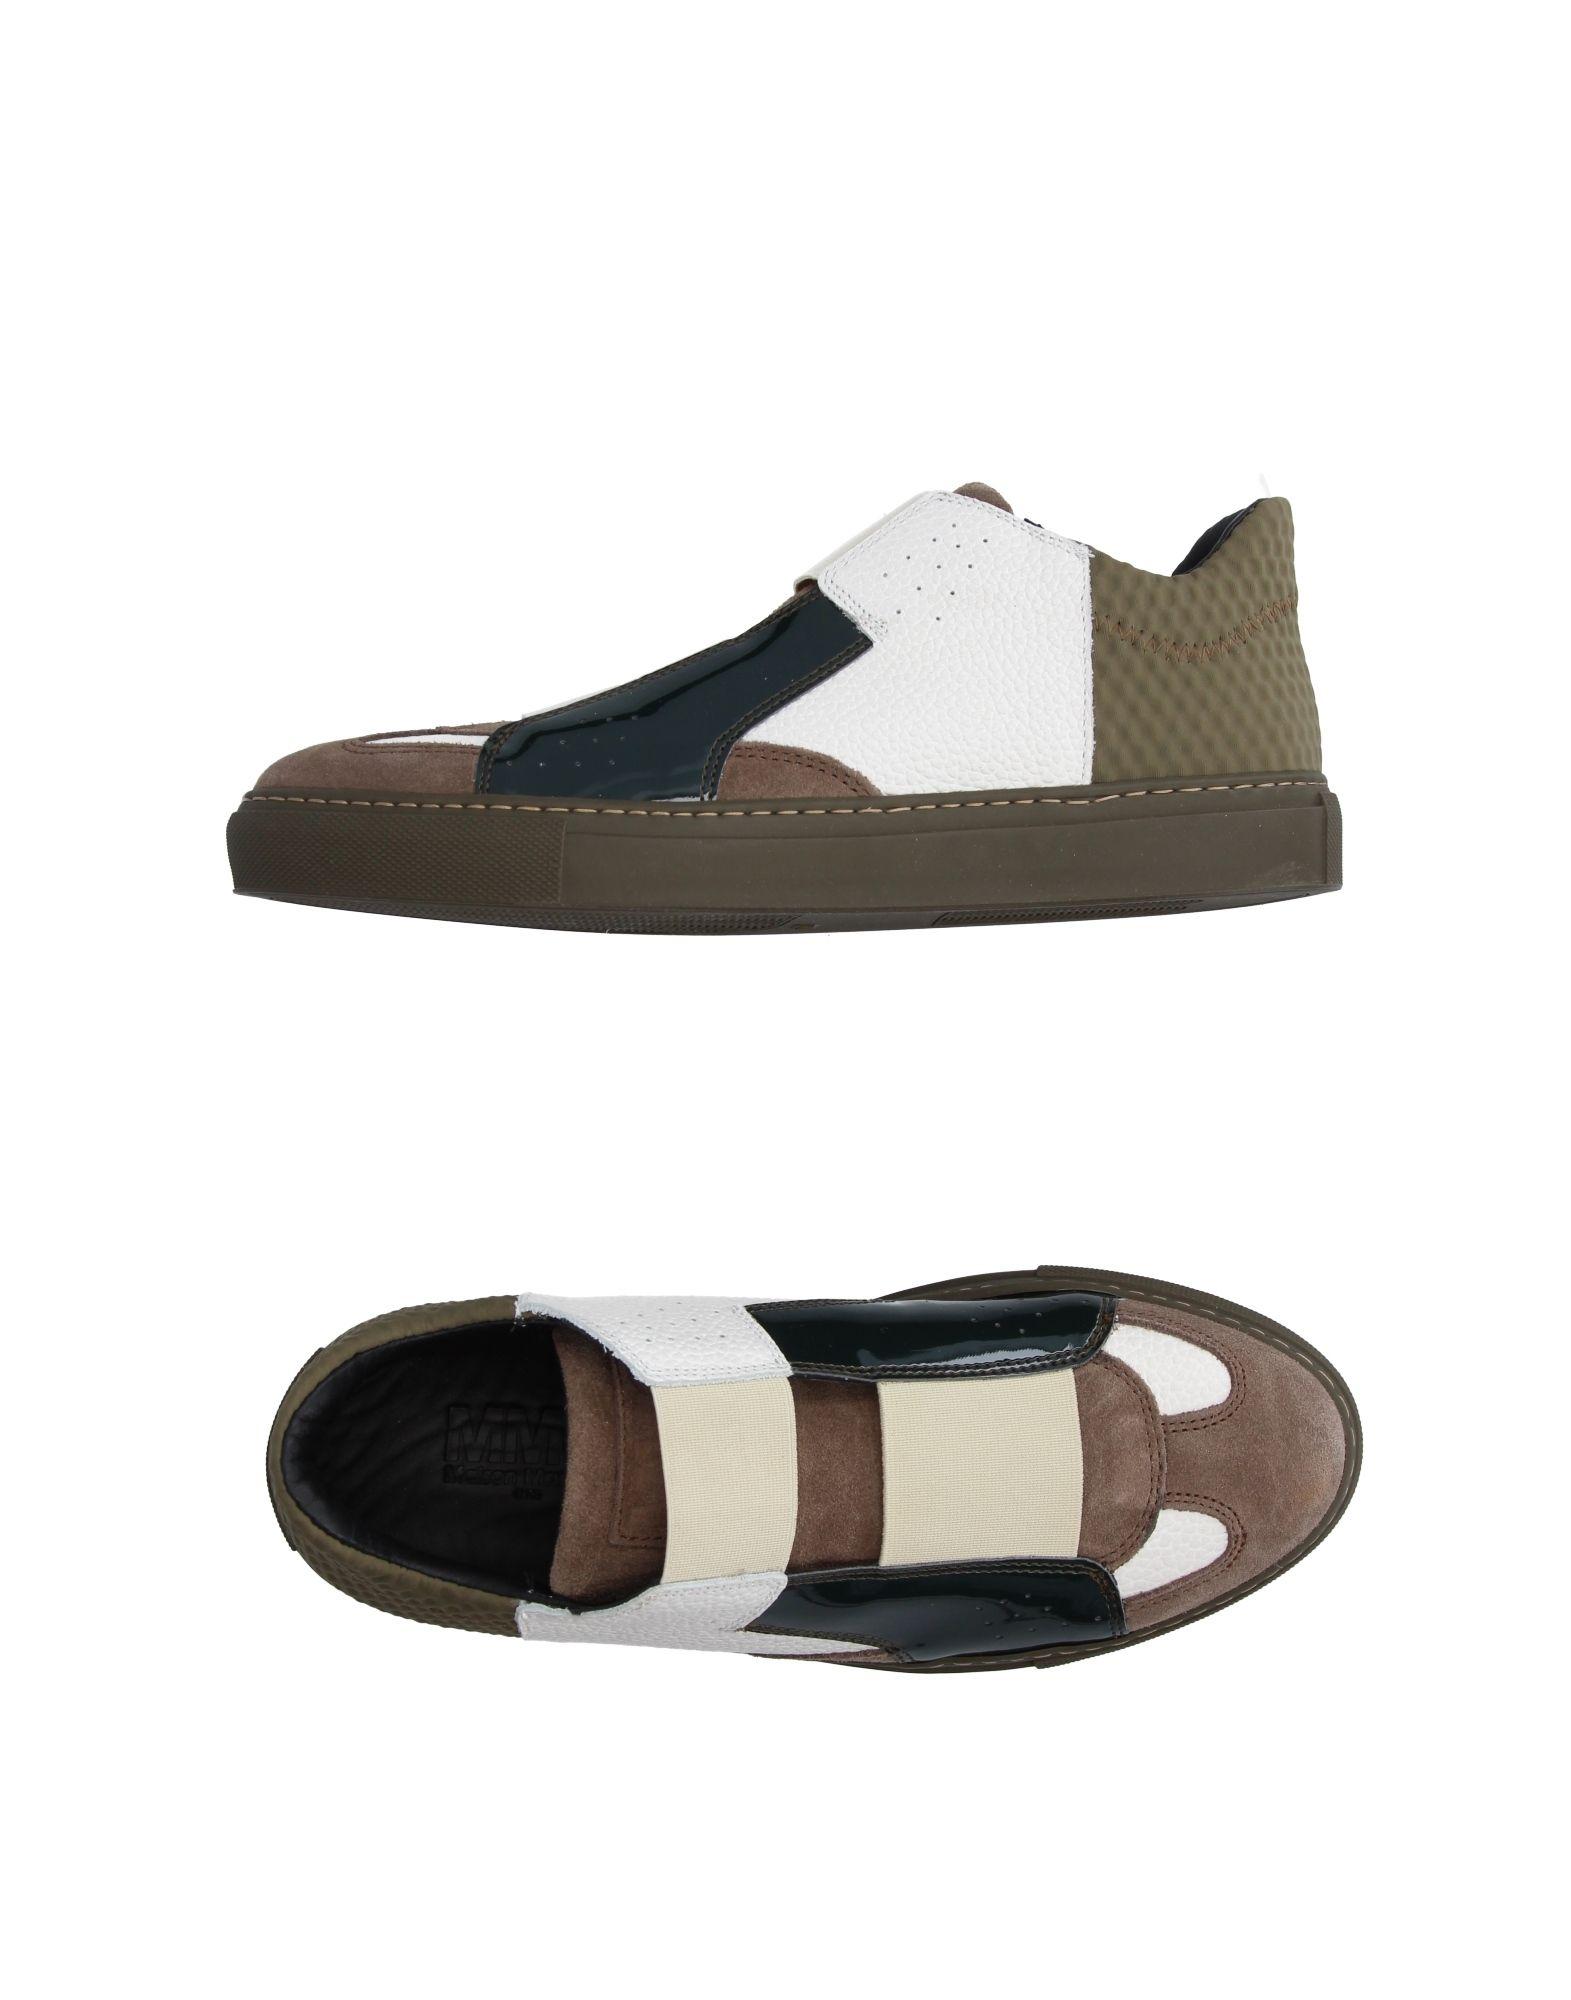 Mm6 Maison Margiela  Sneakers Damen  Margiela 11215330MF Neue Schuhe 4d9d7b